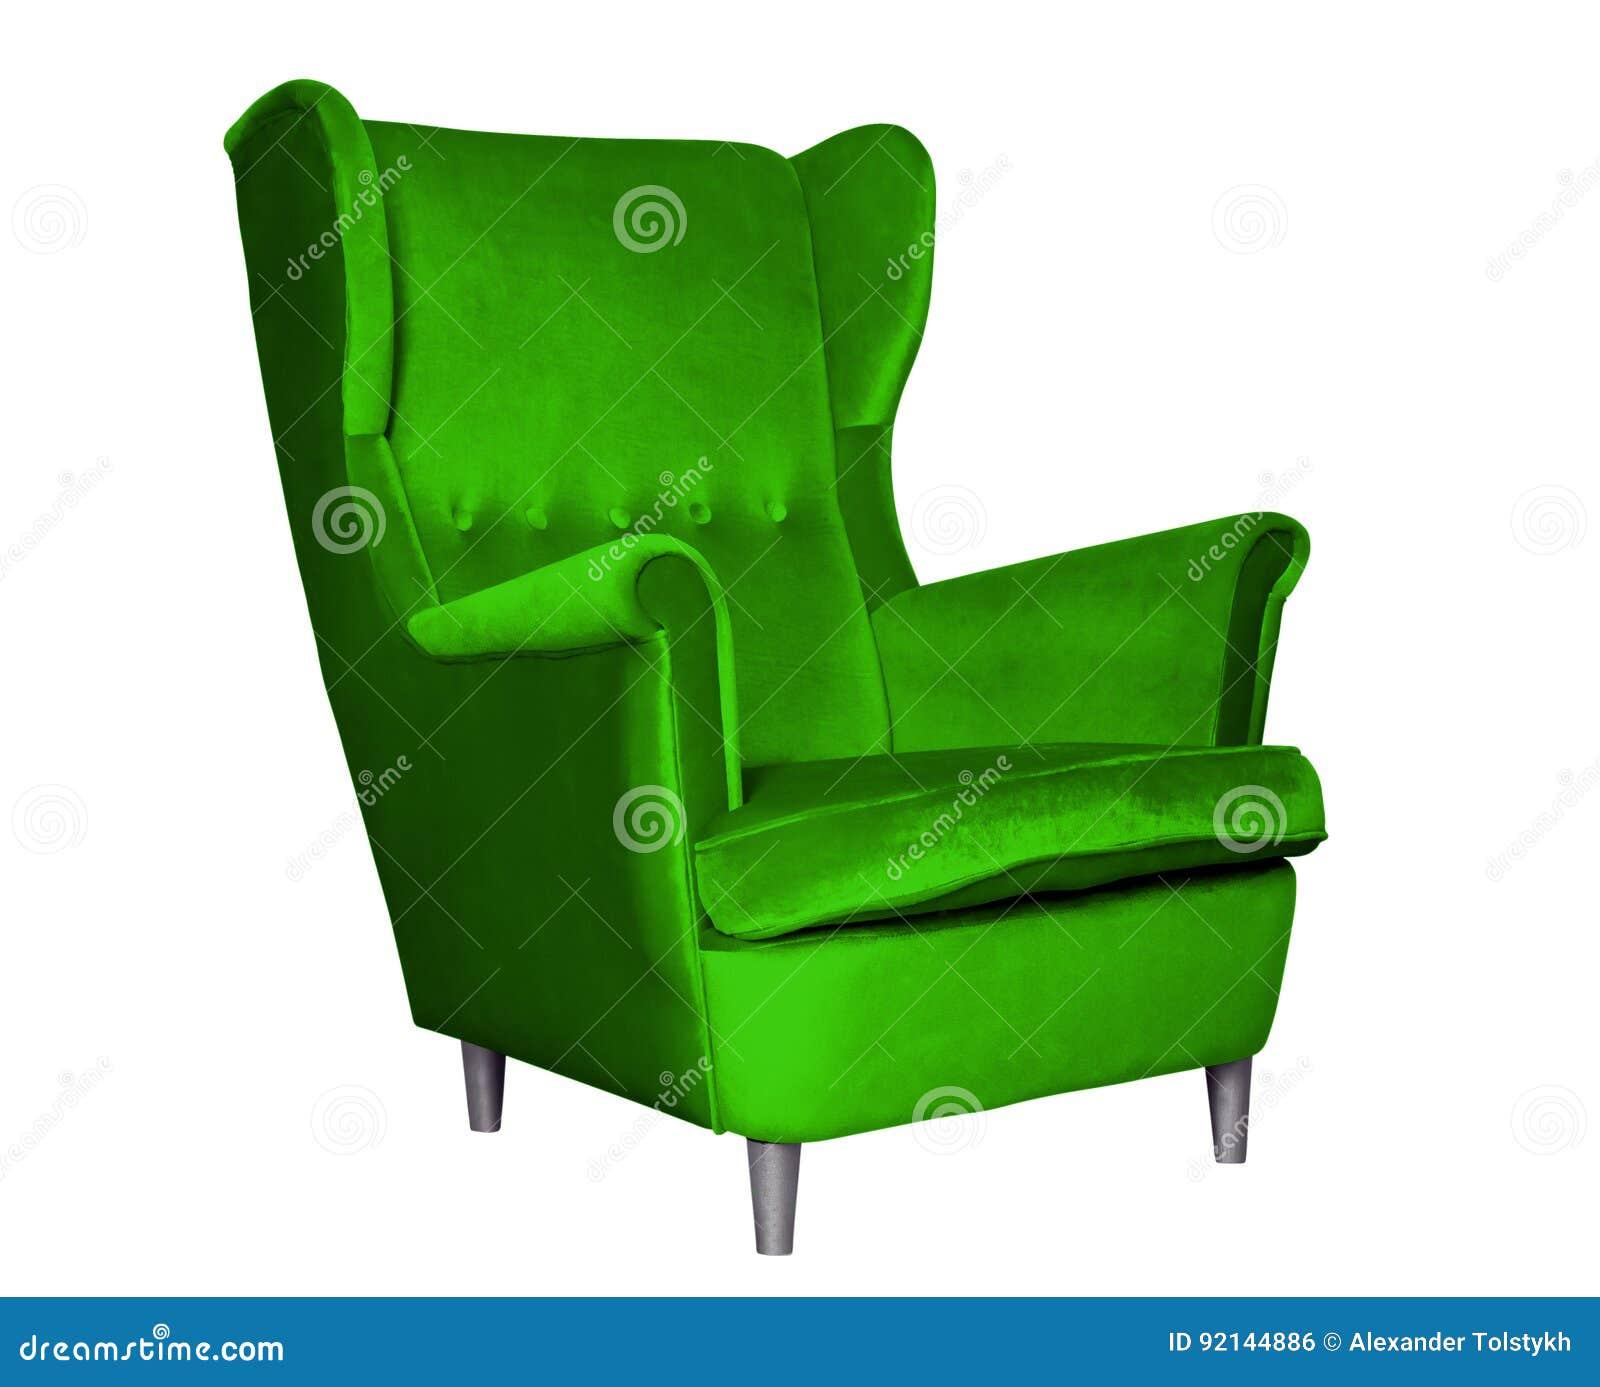 Textilklassischer Grüner Stuhl Stockfoto Bild Von Getrennt